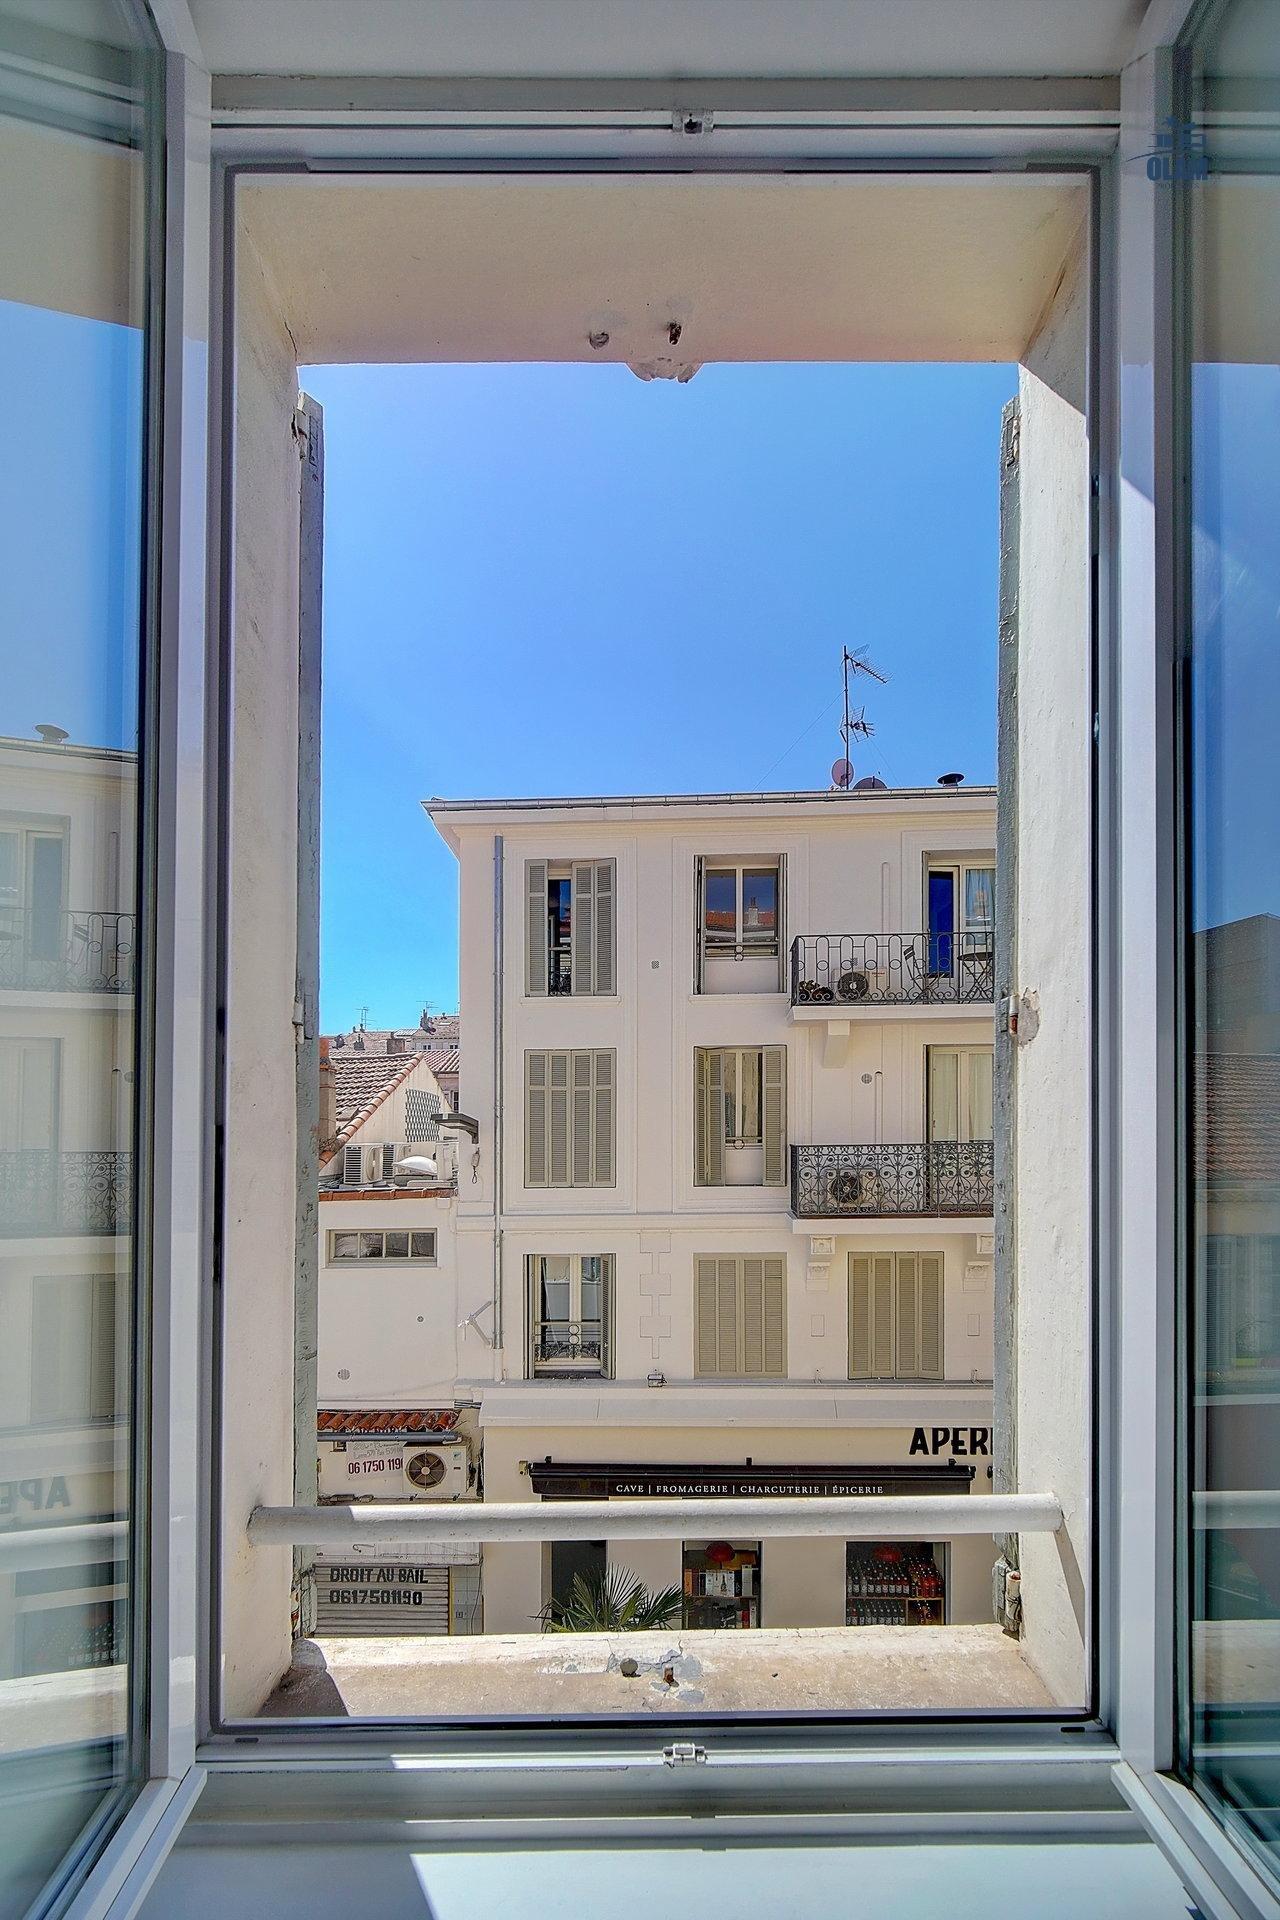 Cannes : coquet 2 pièces refait à neuf en coeur de ville 2G